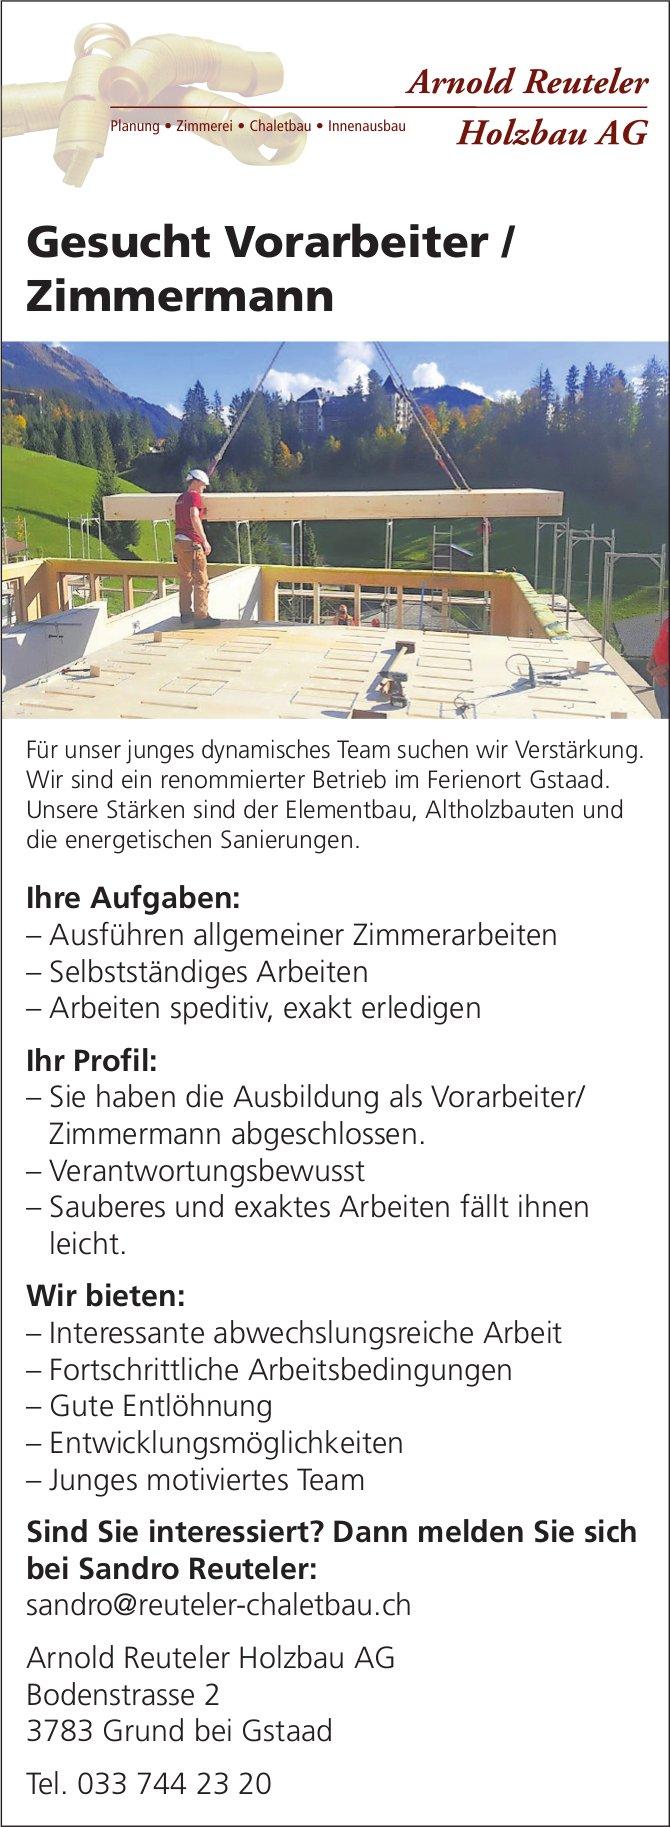 Vorarbeiter / Zimmermann, Arnold Reuteler Holzbau AG, Grund bei Gstaad, gesucht